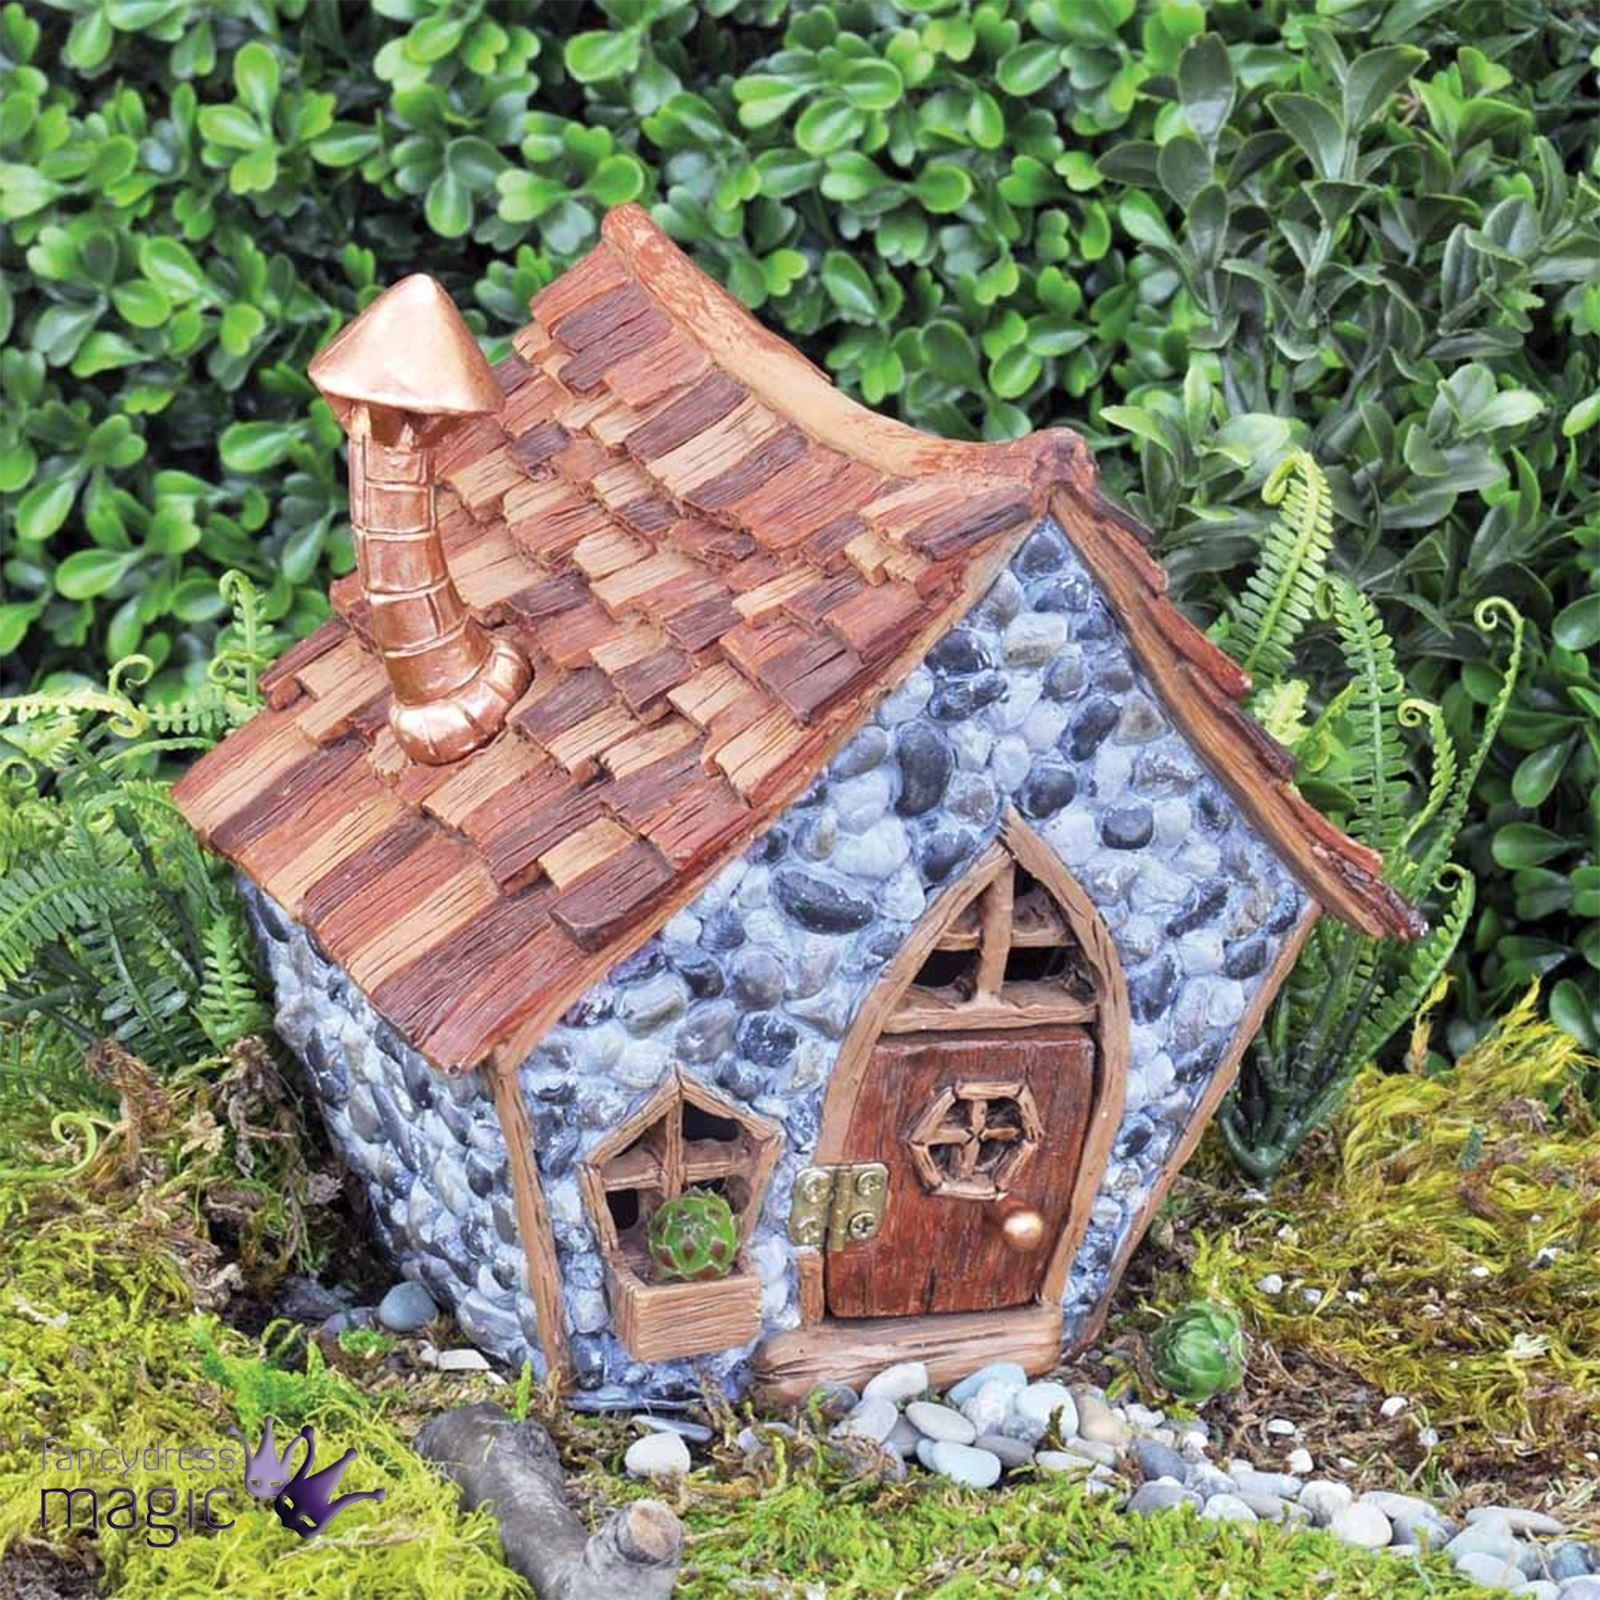 Fiddlehead bardeau shingletown nain jardin de f es pixie maison accessoire ebay - Jardin de fee ...